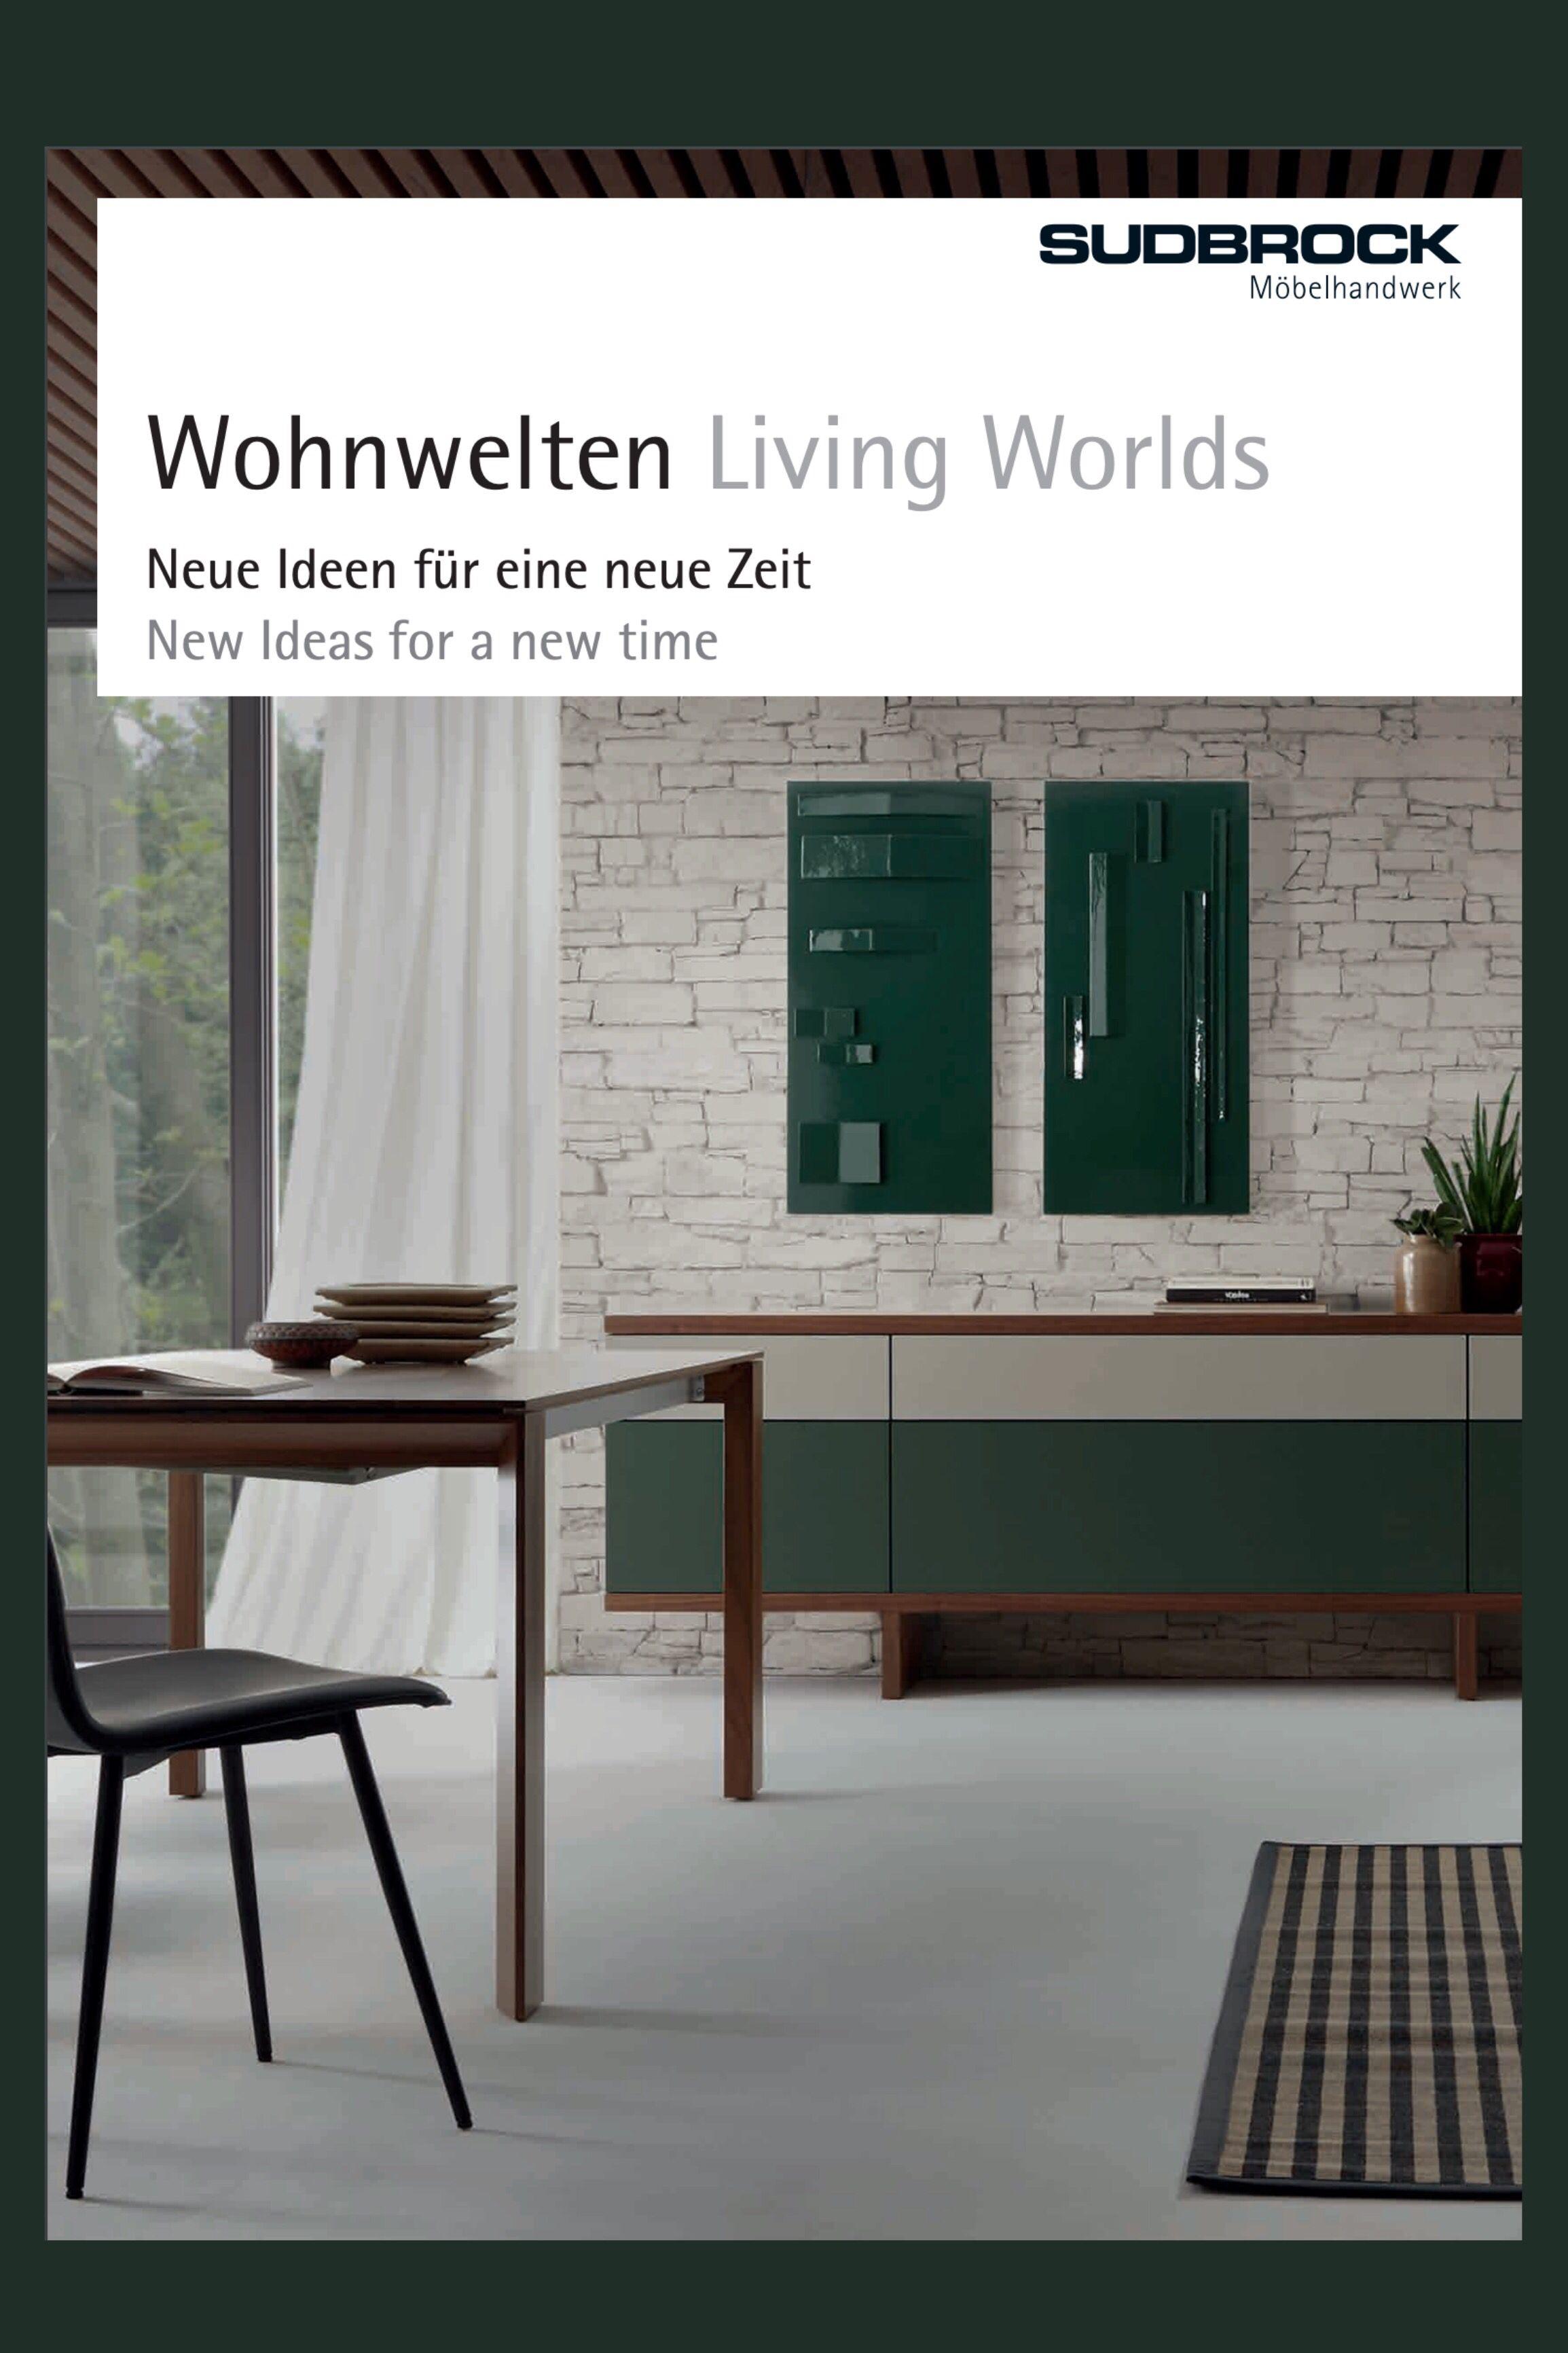 Schöner Wohnen in Grün  Einrichtung Trends  SUDBROCK